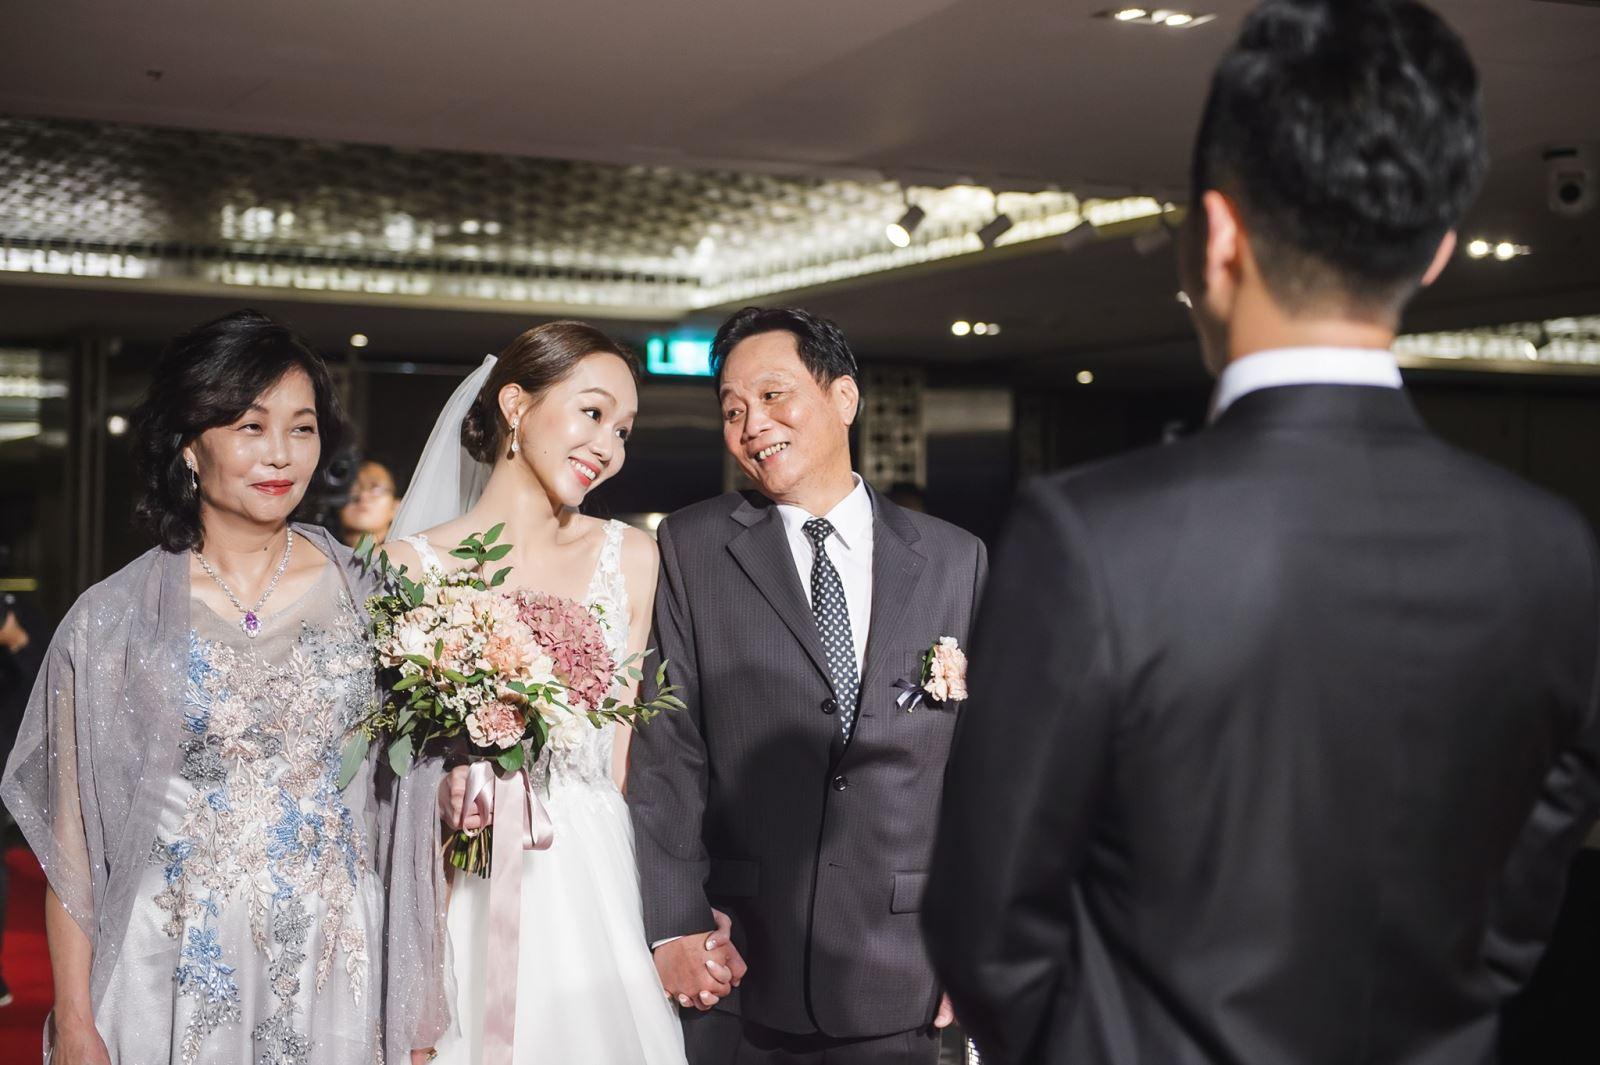 婚禮上,新娘與爸爸與媽媽一起進場,需要注意什麼呢?